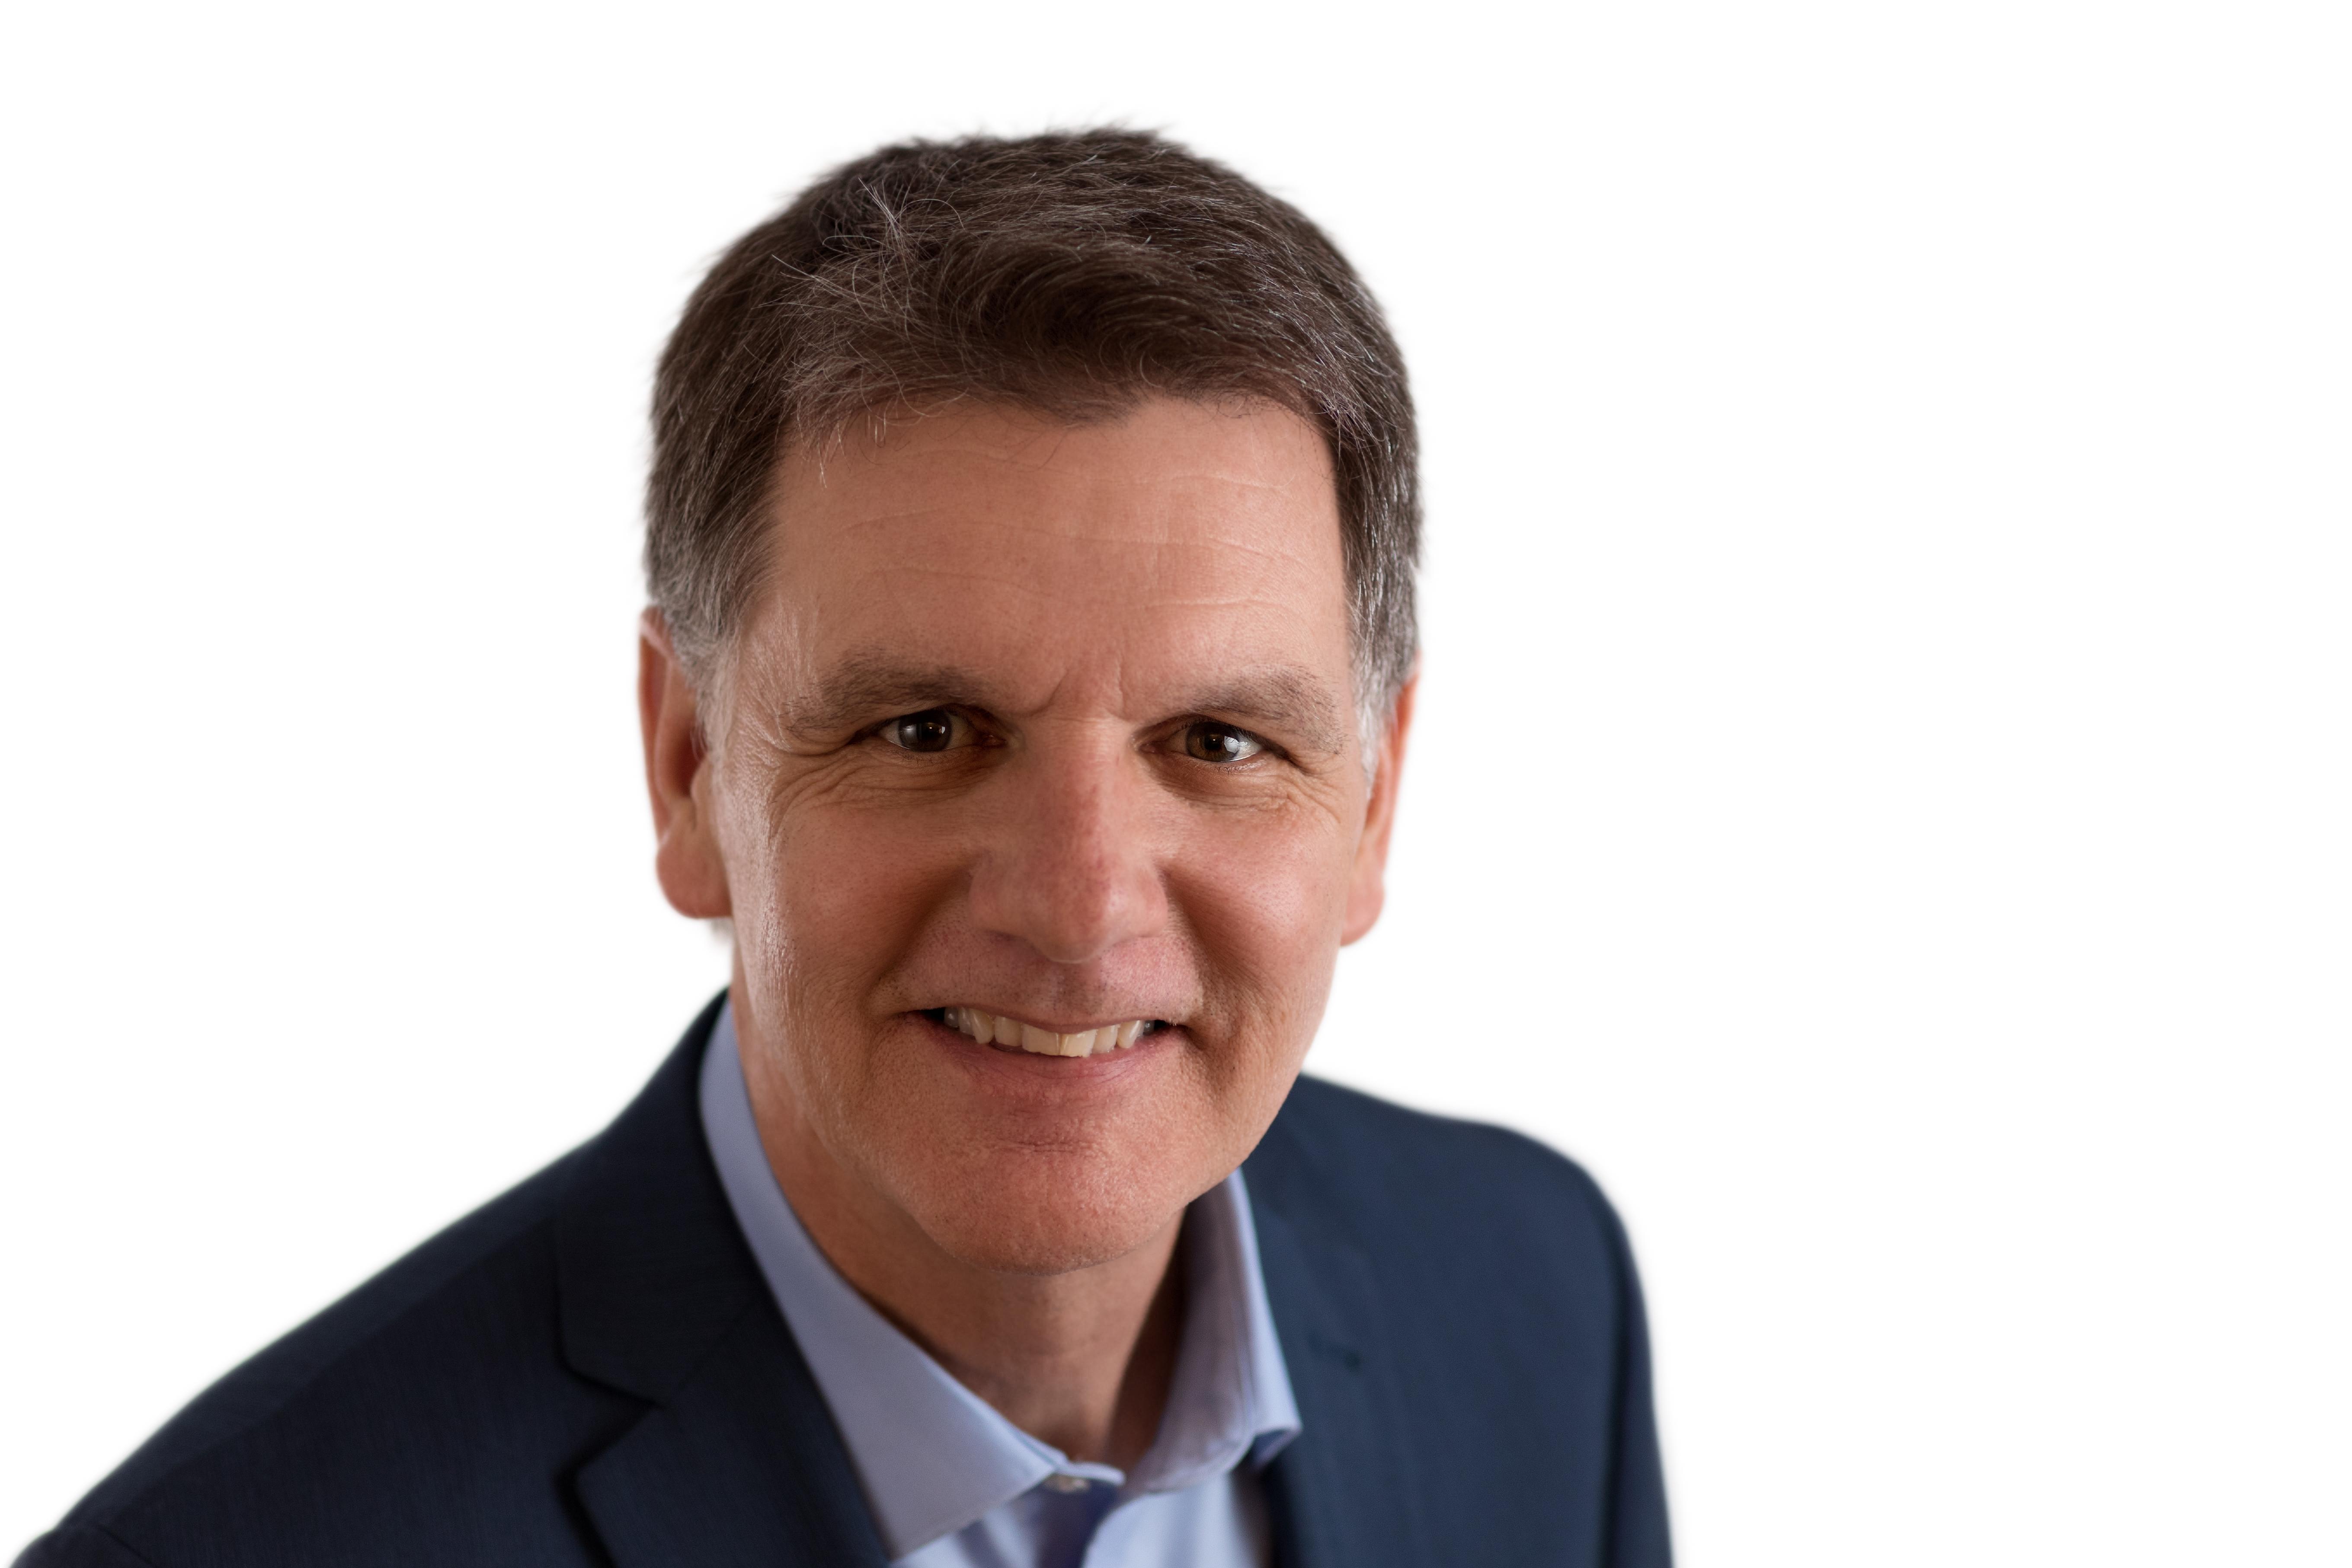 Walt Judas, speaker at Impact 2020 in Victoria, BC